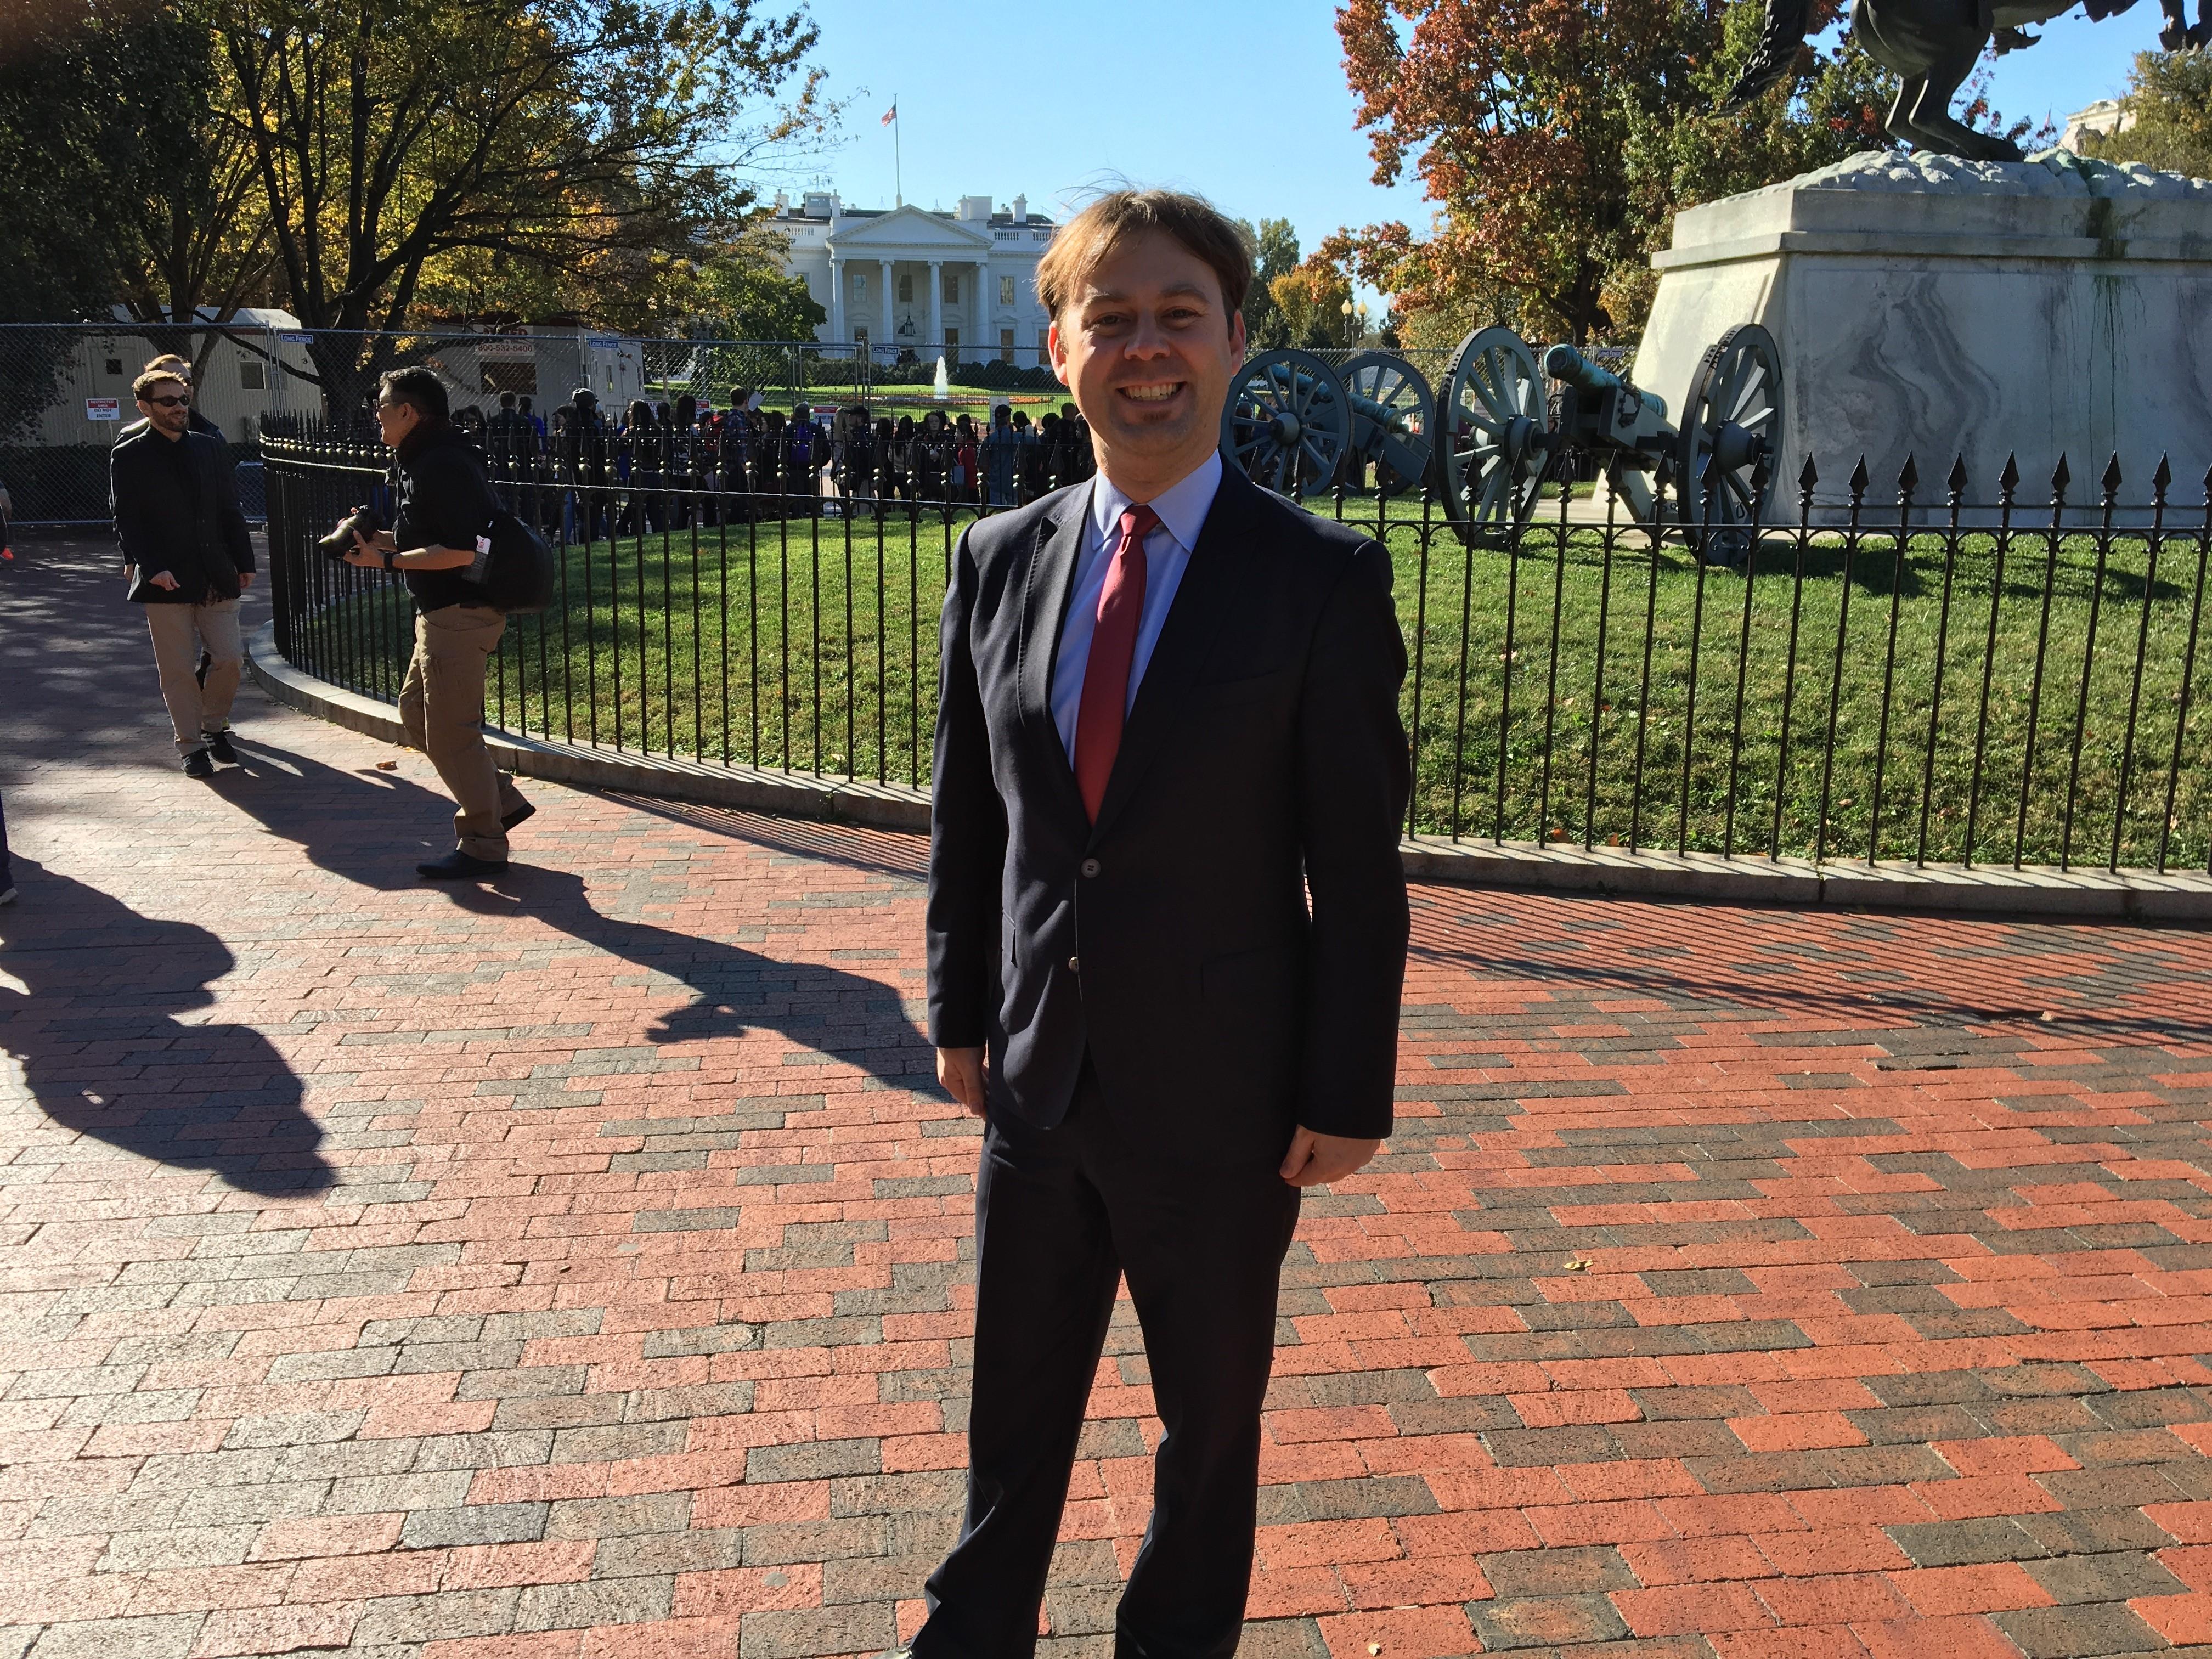 Dr. Jens Zimmermann ist als OSZE-Wahlbeobachte bei der US-Wahl in Washington im Einsatz.